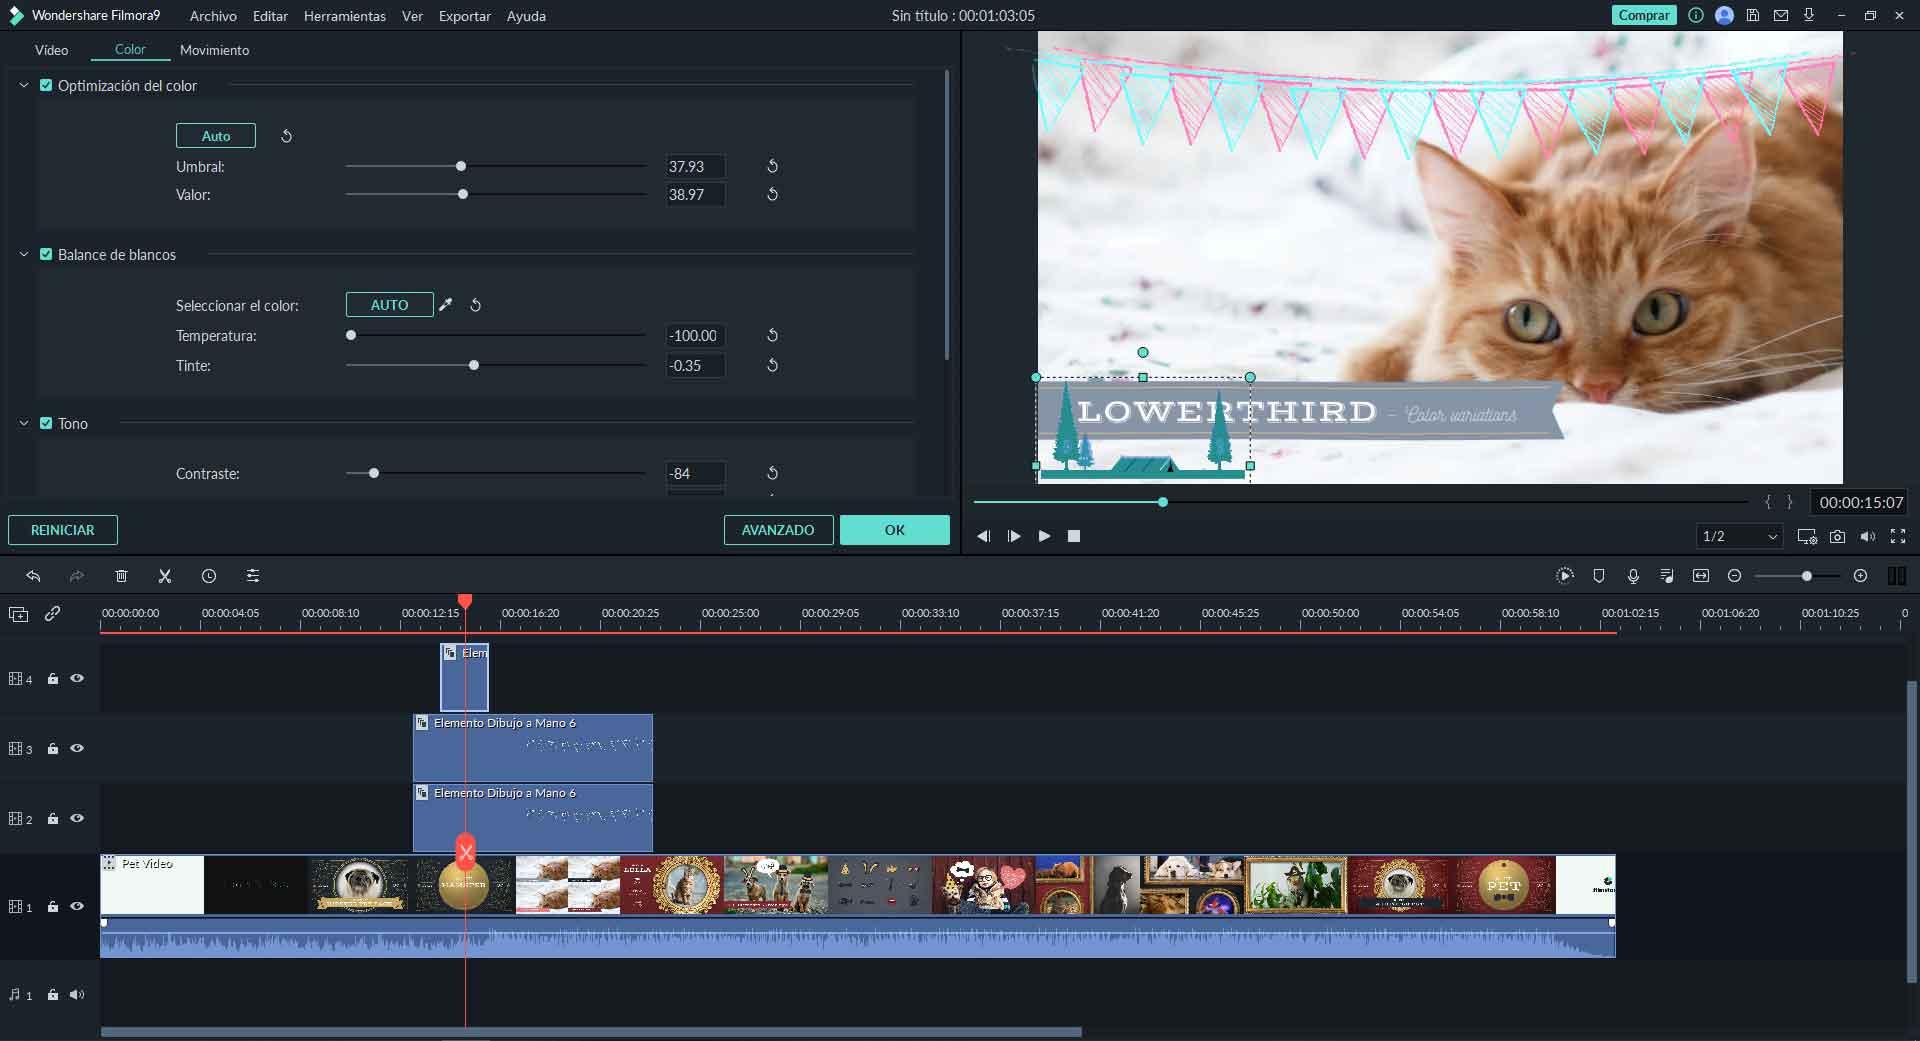 editor de videos navideños gratis